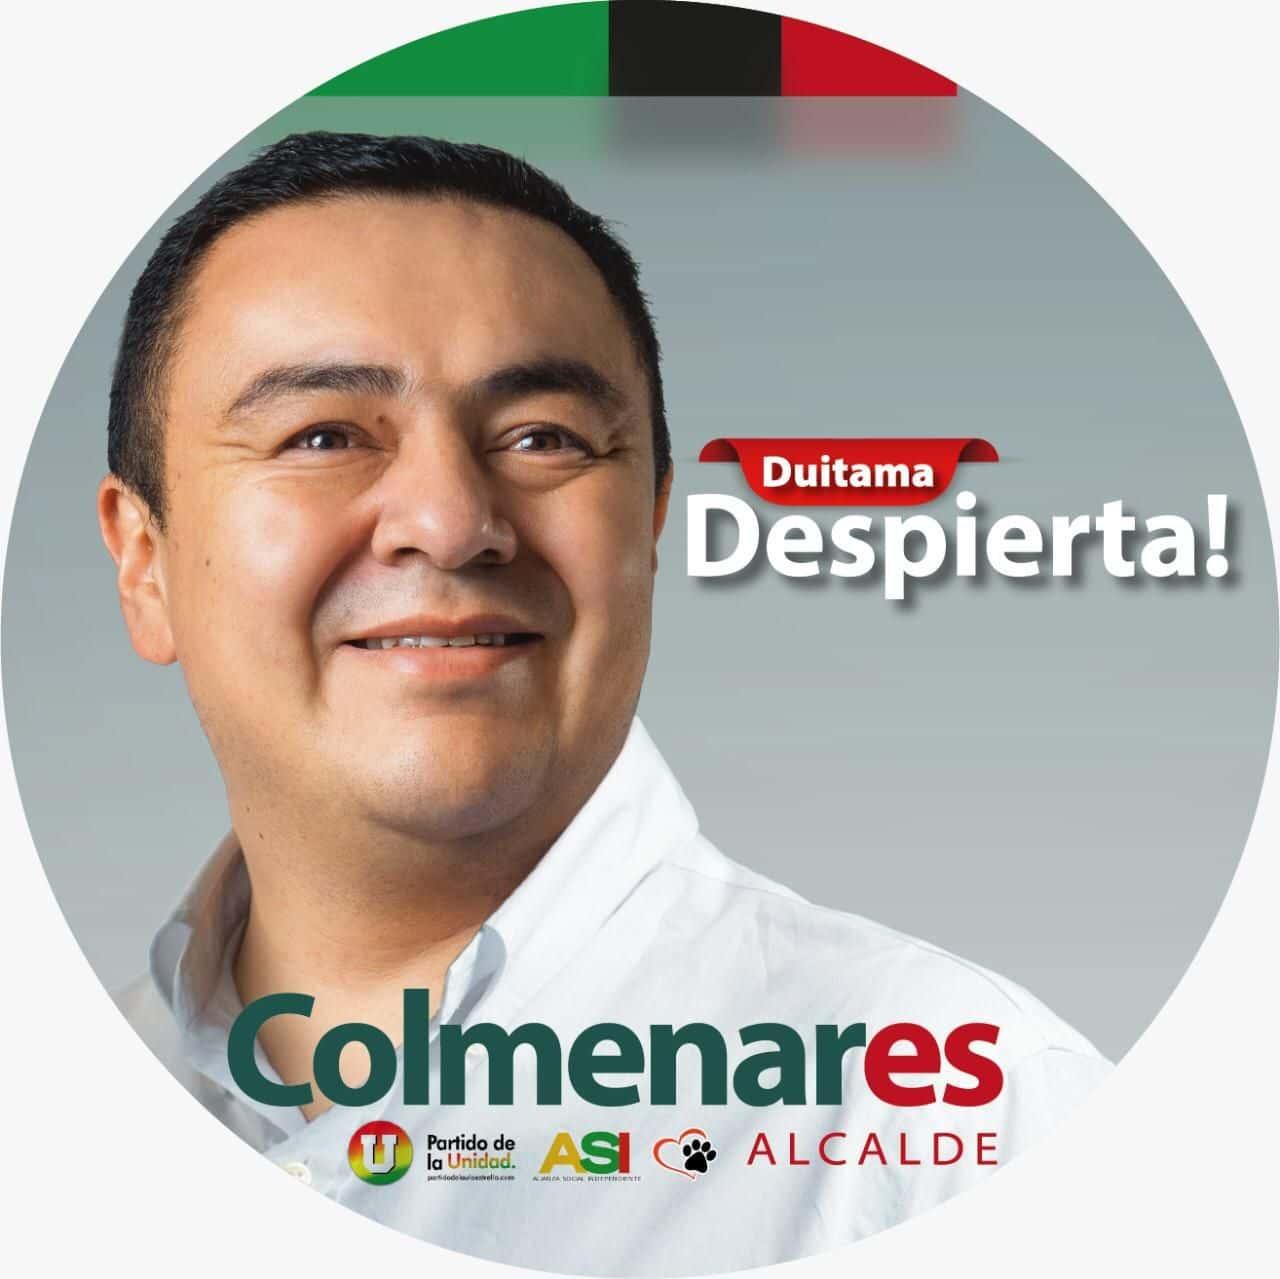 El candidato de Duitama Despierta ya ha presentado algunas de las piezas publicitarias de campaña que identificarán su campaña.